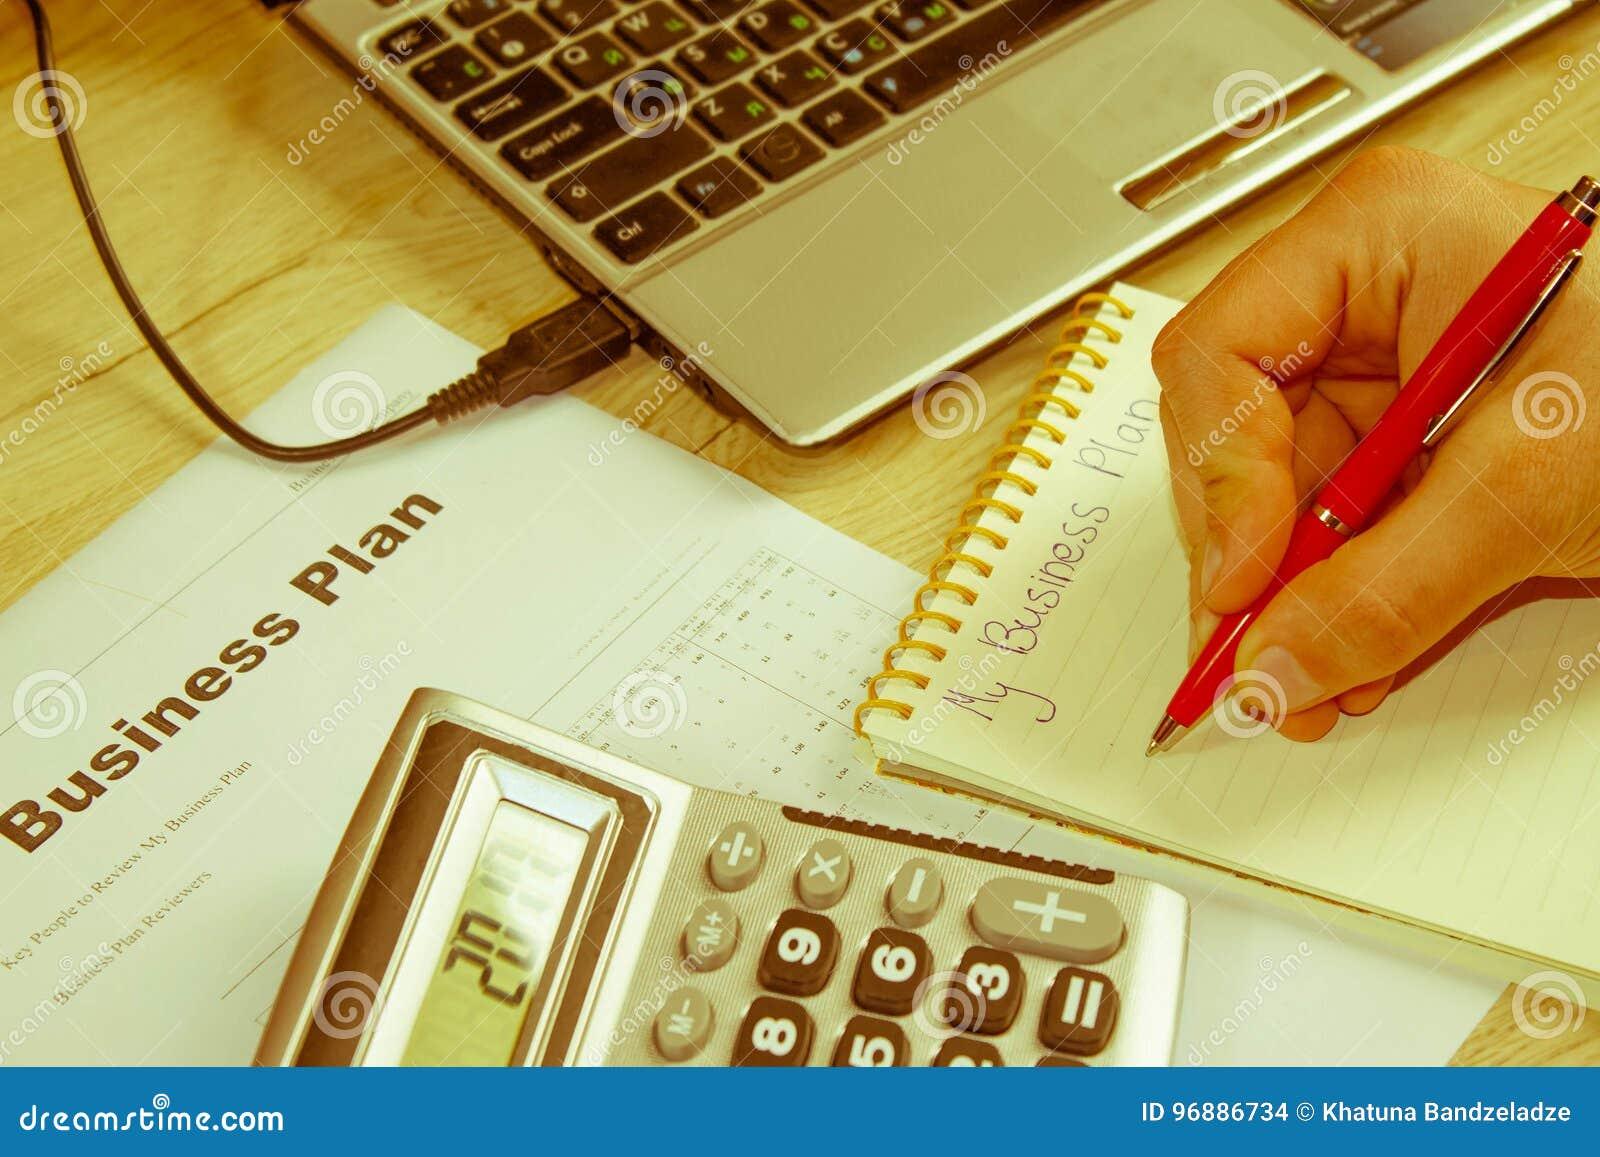 Успешные бизнес план бизнес план рекламного агентства курсовая